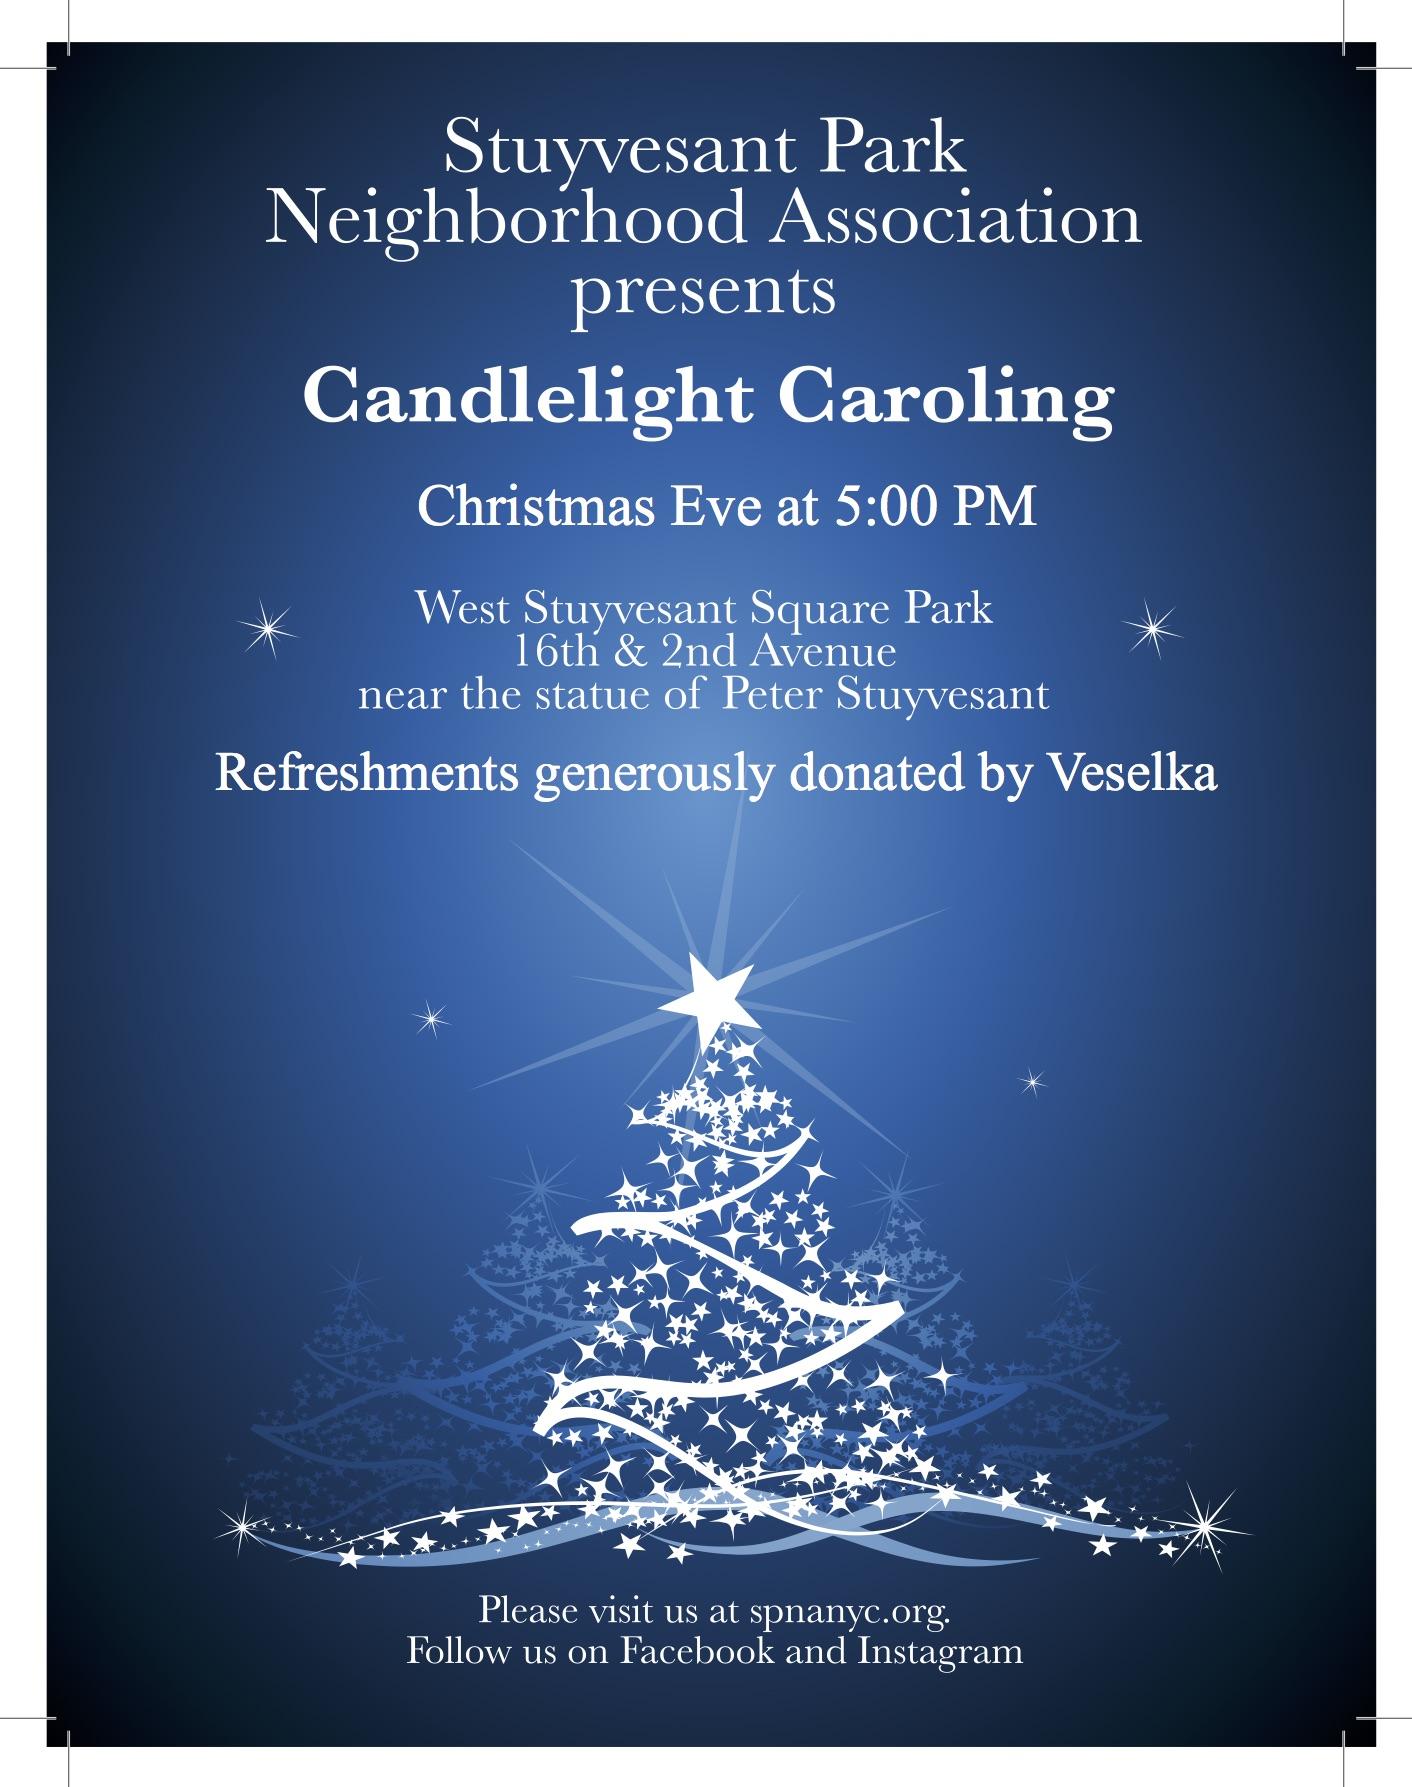 SPNA Candlelight Caroling Poster